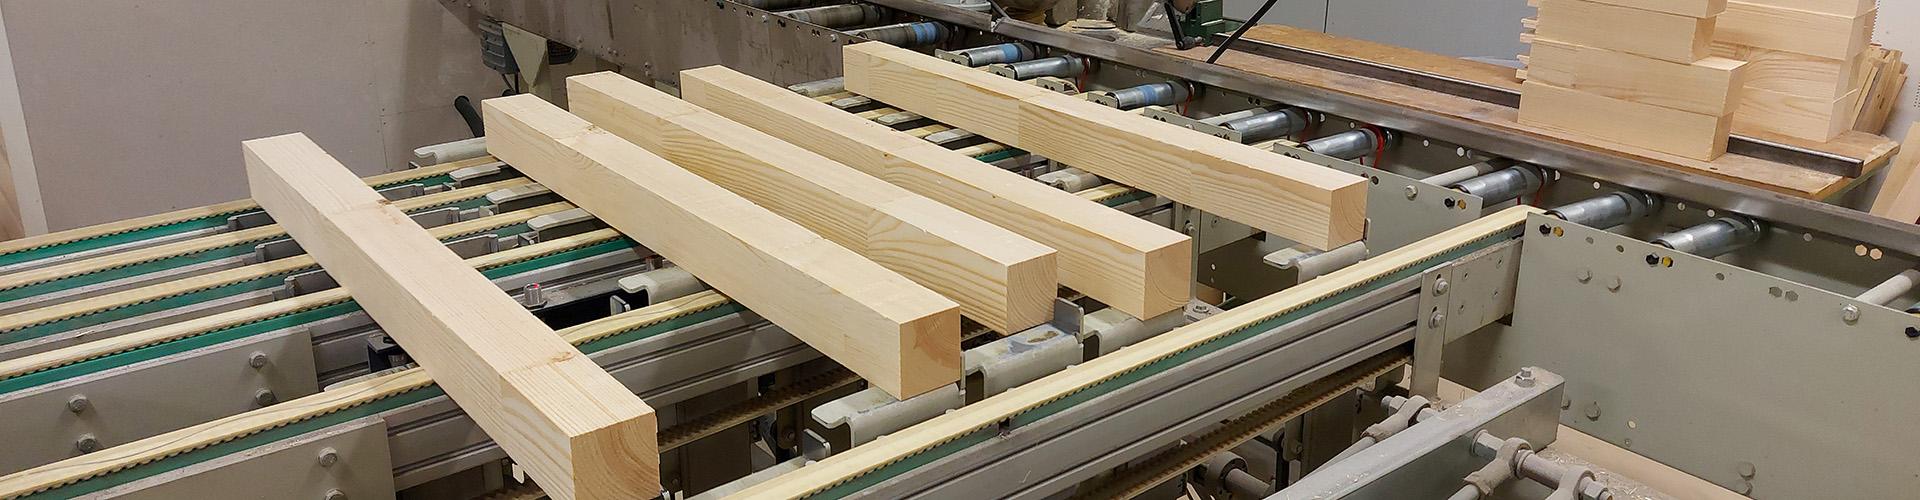 Bilde av treplanker i maskin